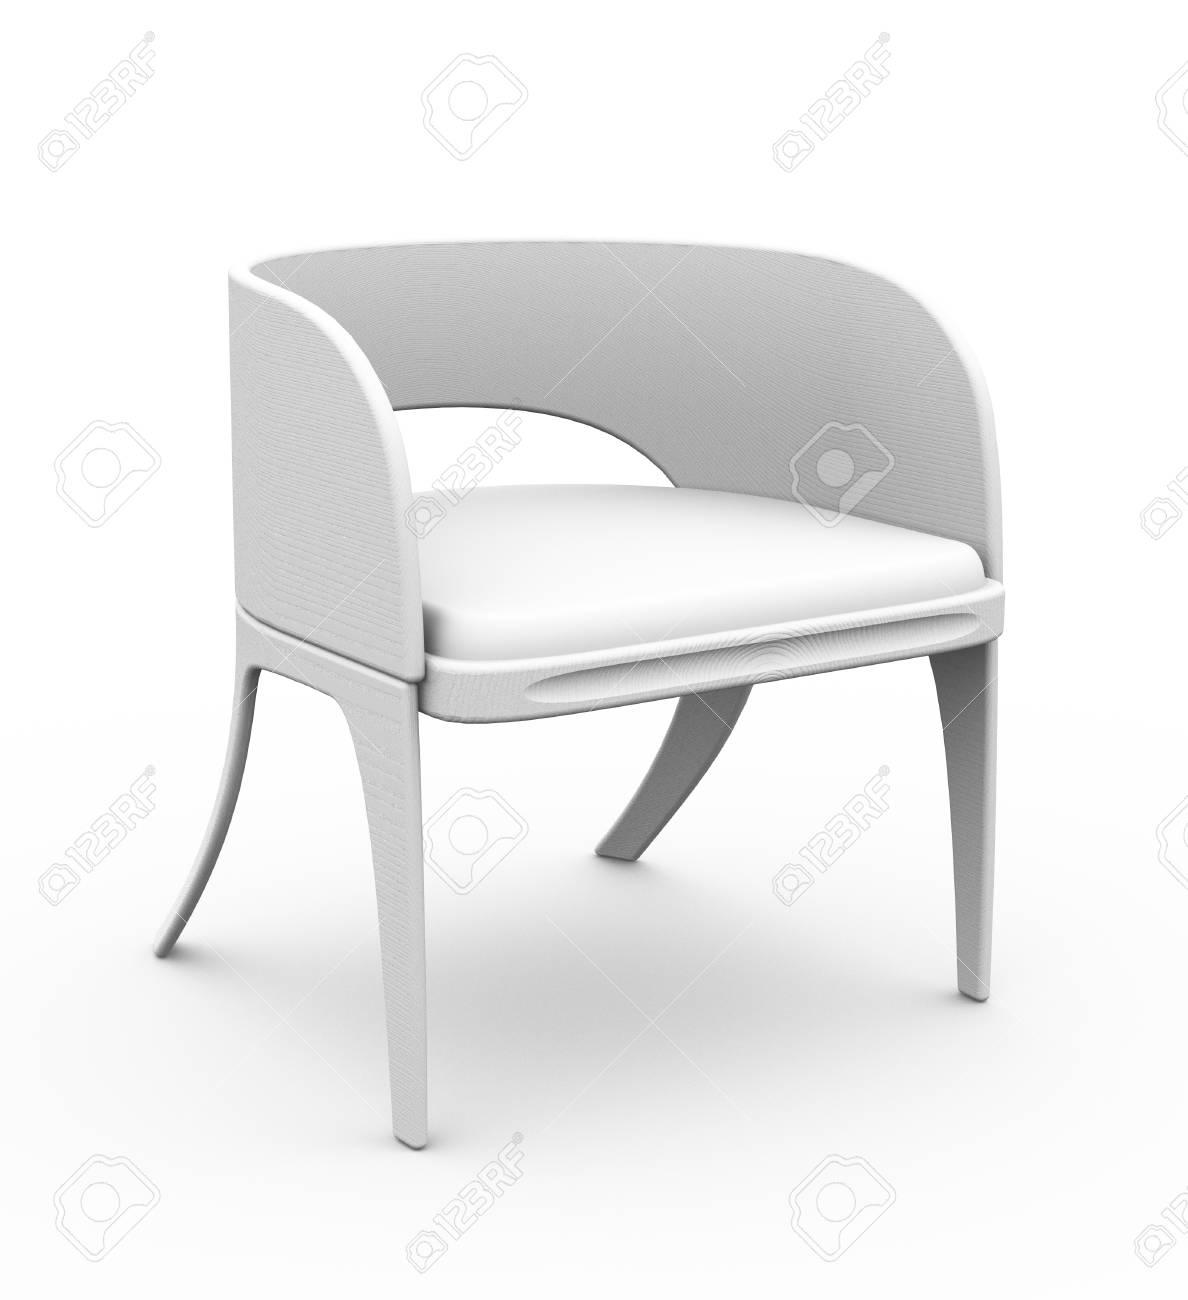 Chaise Gris Bois Moderne Isol Sur 3d Modle Blanc Banque DImages